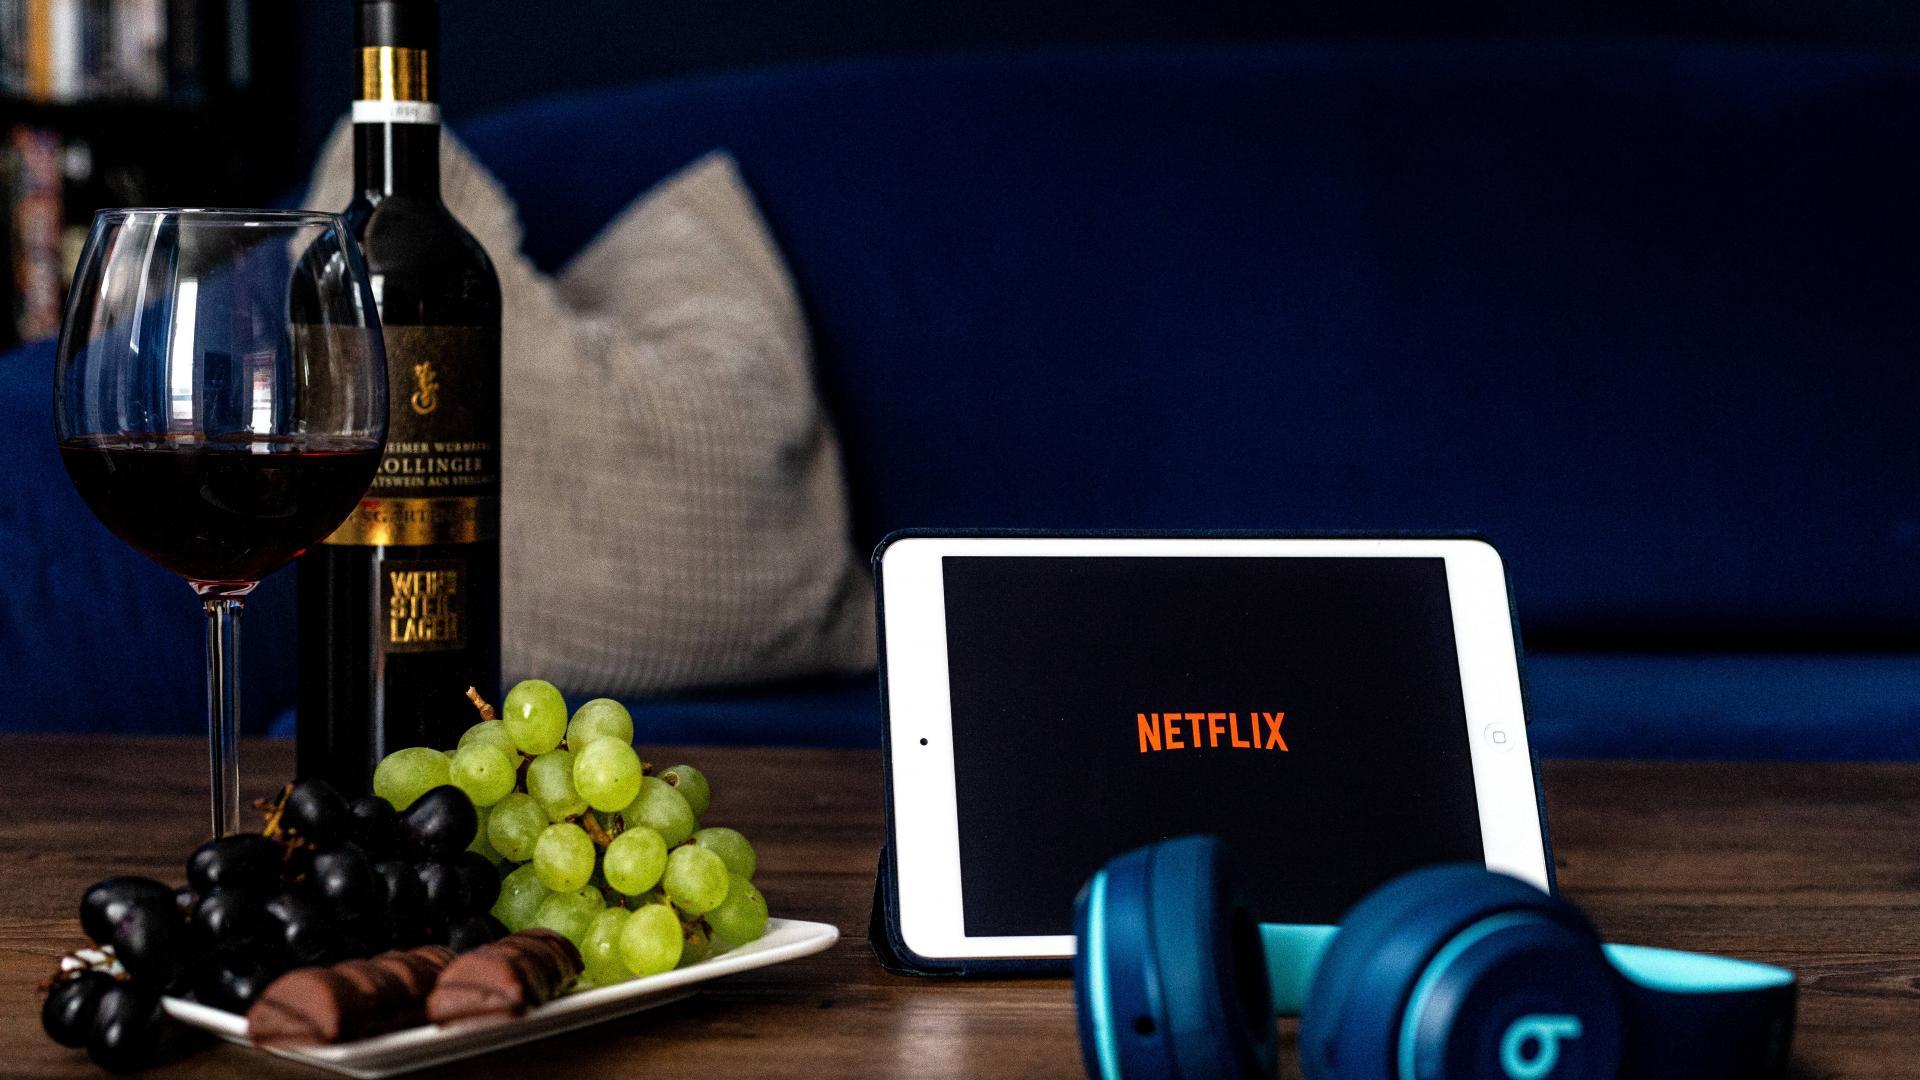 Wein Netflix Kopfhörer